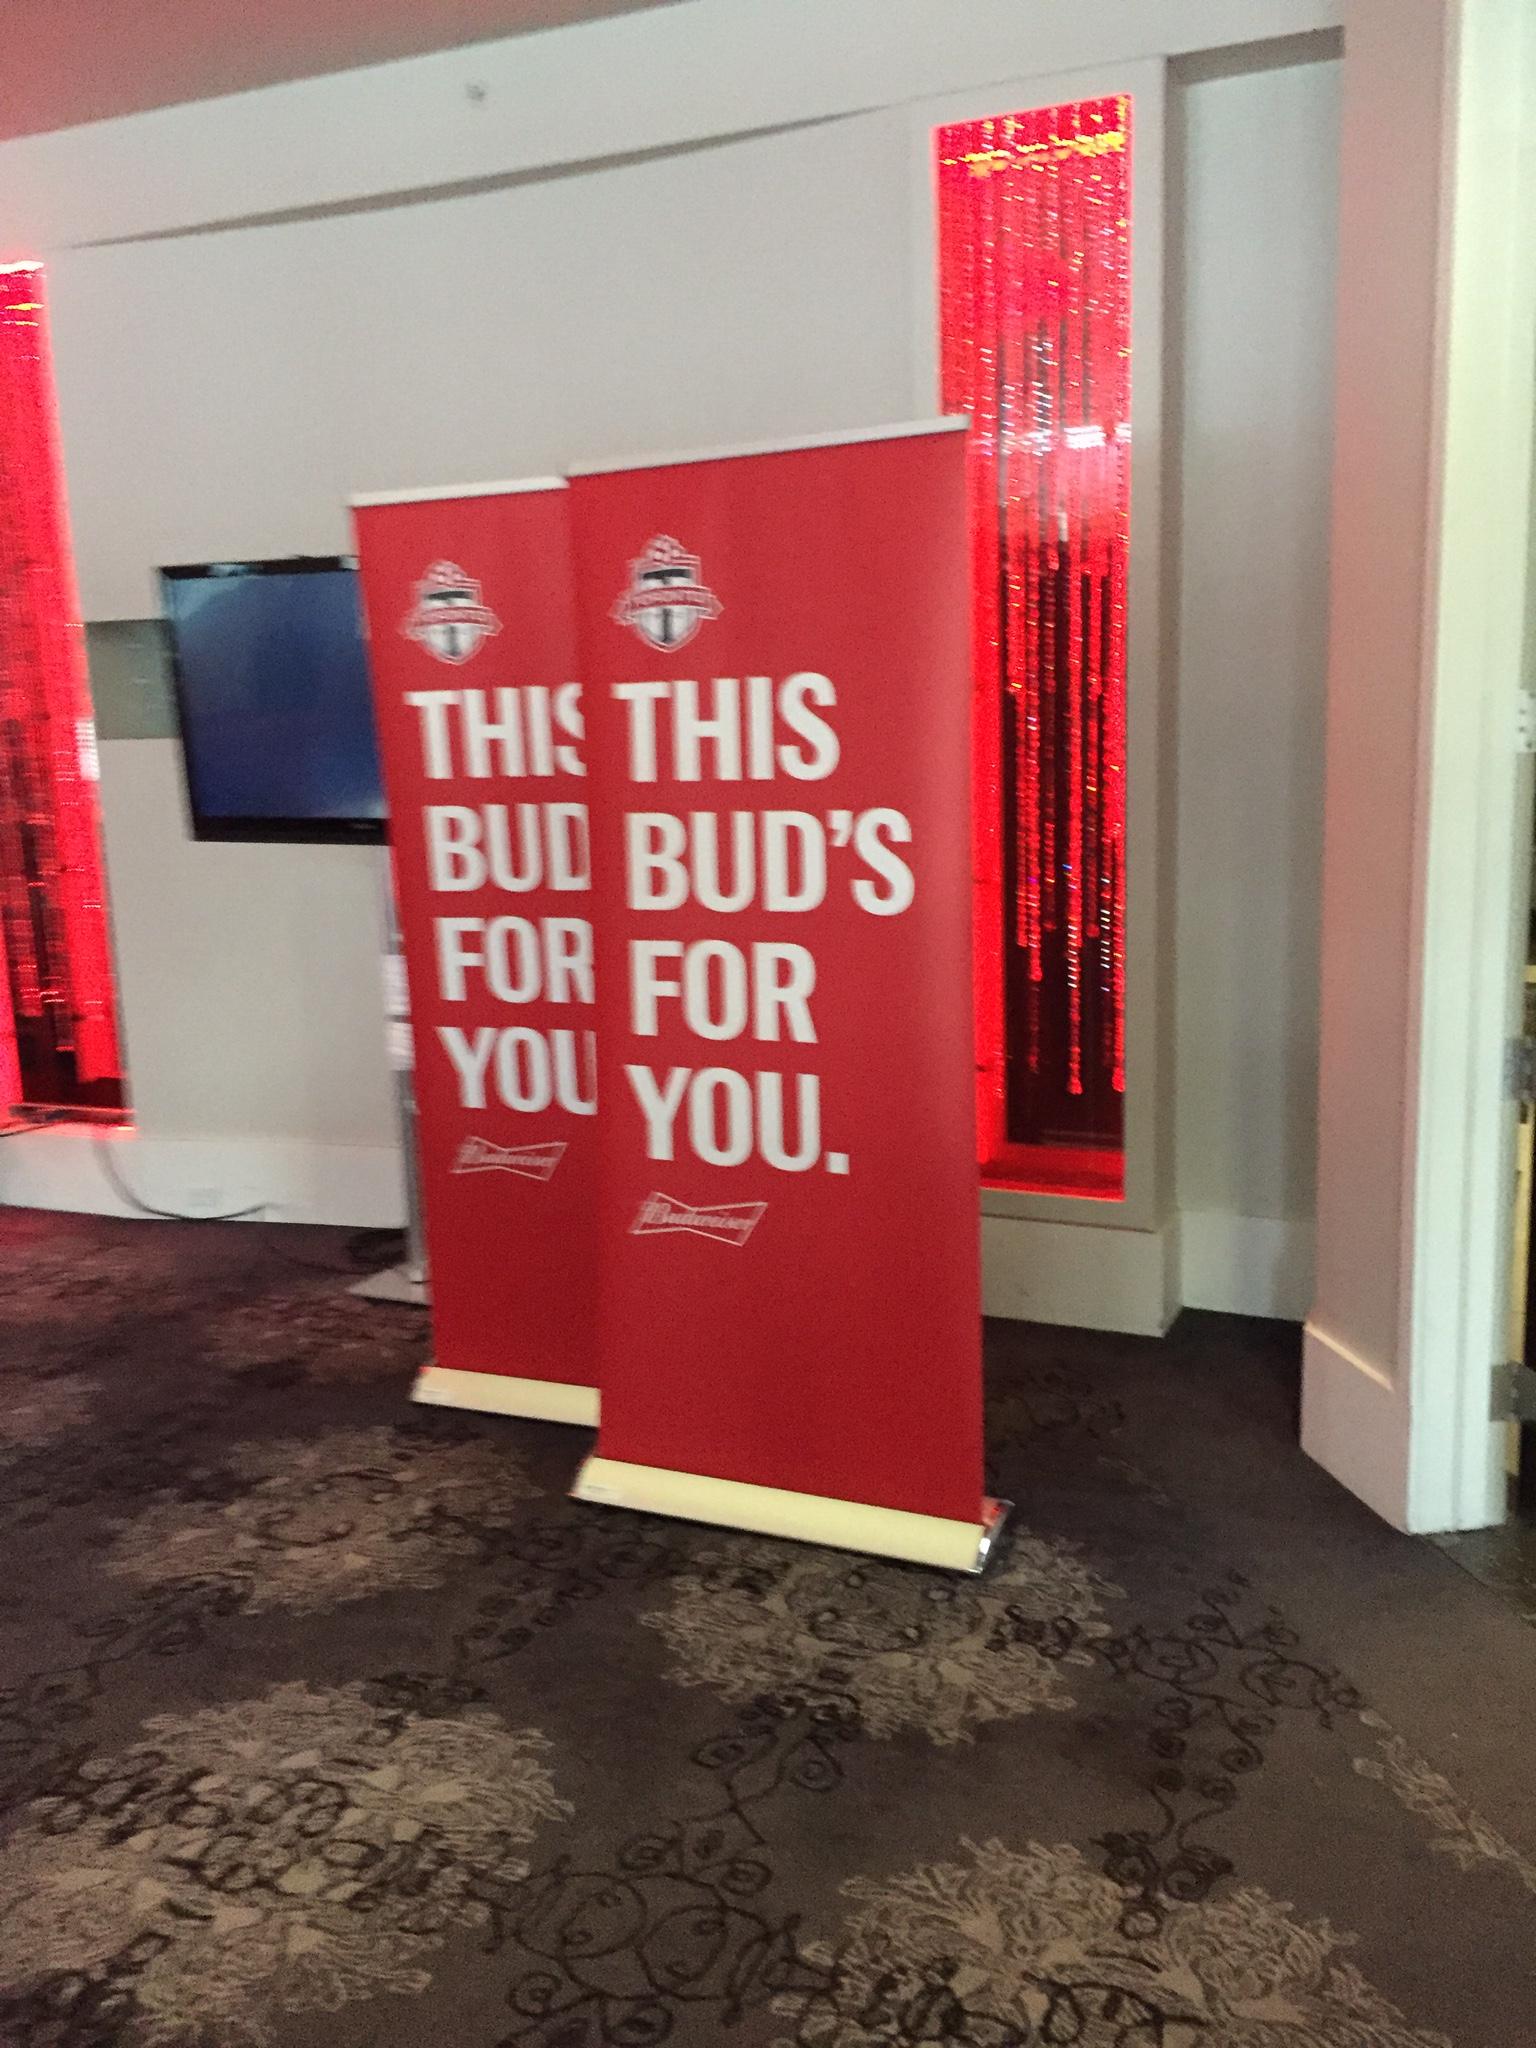 Roller retractable banner - Budweiser & TFC